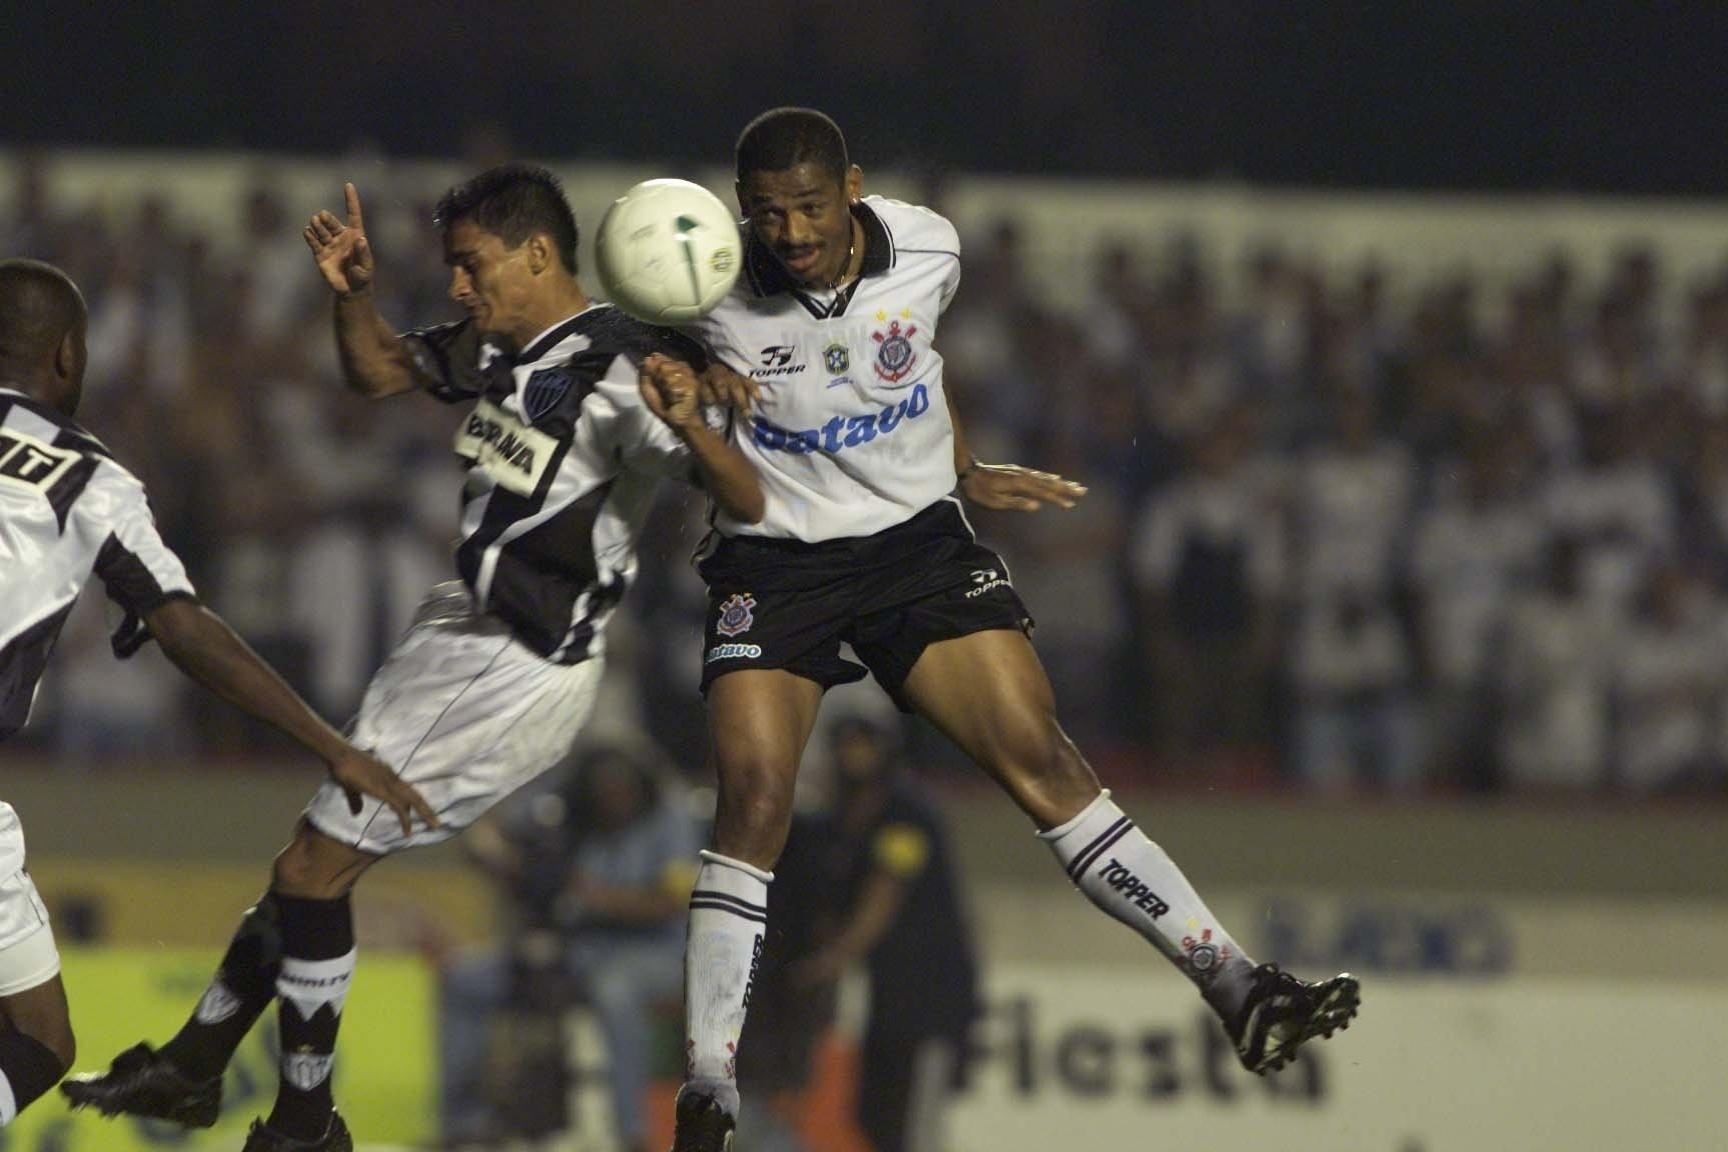 Vampeta, volante do Corinthians, sobe de cabeça para disputar bola com um jogador do Altlético-MG, na final do Brasileiro de 1999